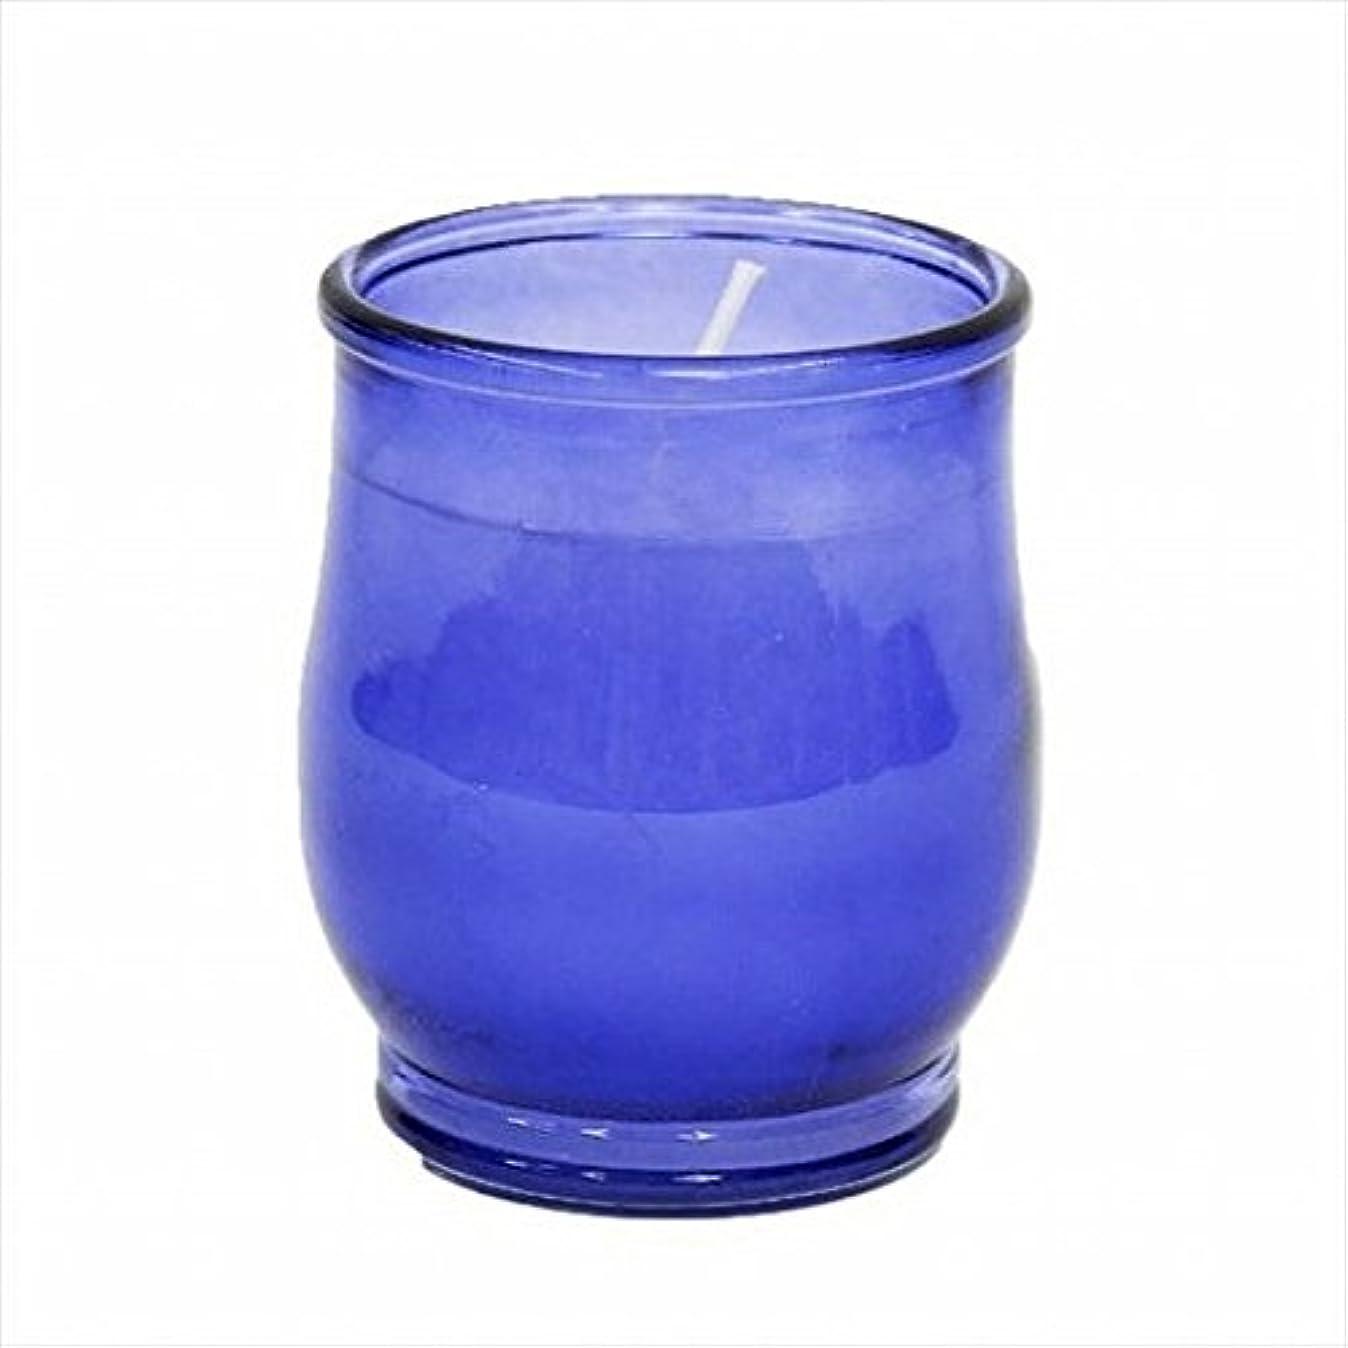 ブロー喜劇不安kameyama candle(カメヤマキャンドル) ポシェ(非常用コップローソク) 「 ブルー(ライトカラー) 」 キャンドル 68x68x80mm (73020030B)